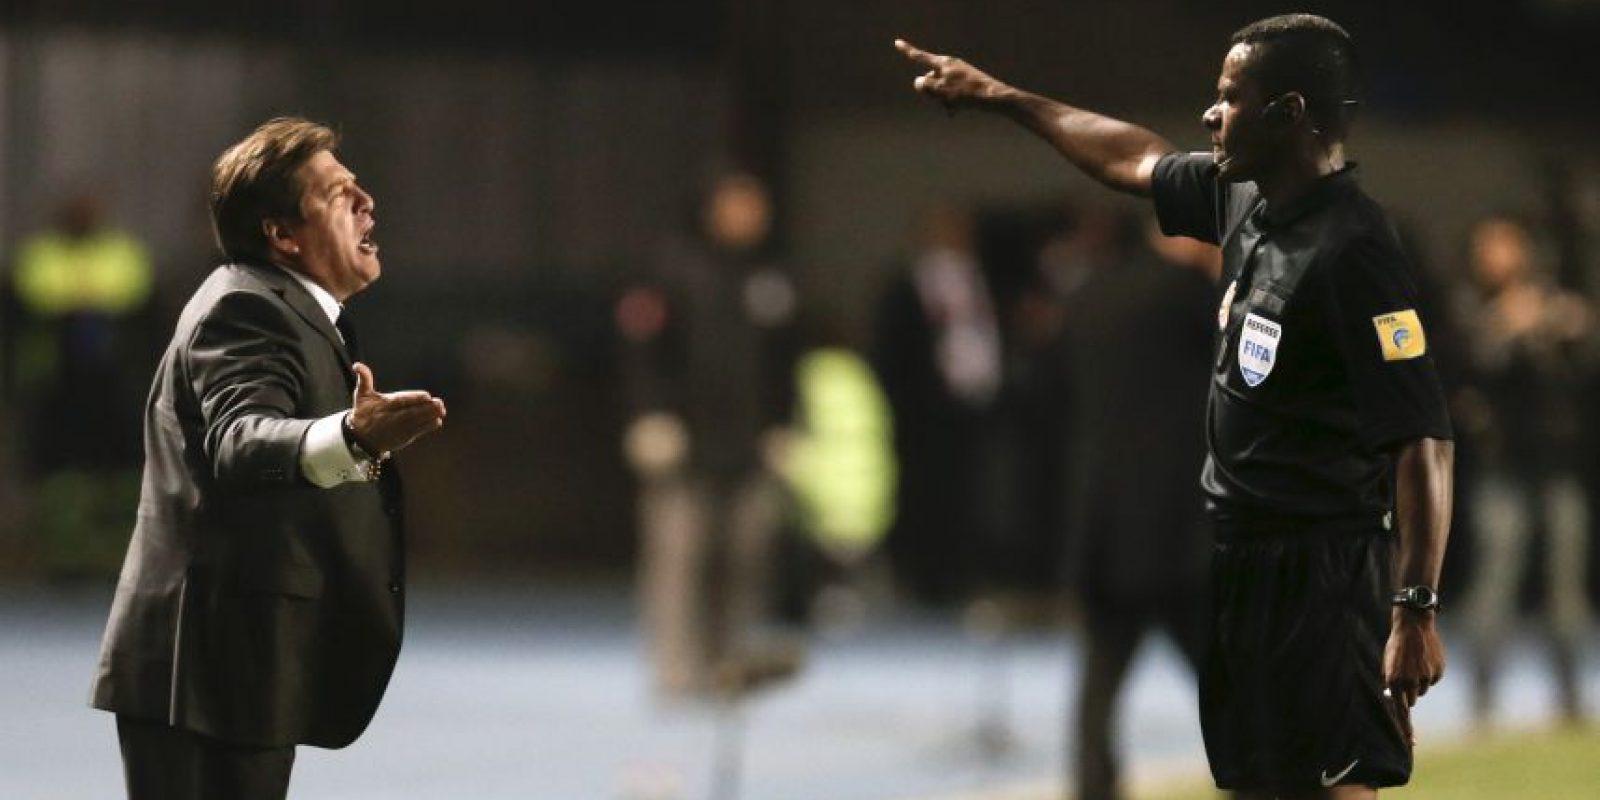 """4. Directores técnicos histriónicos. Los entrenadores, como Miguel Herrera, también se """"calientan"""" durante los encuentros. El """"Piojo"""" fue expulsado en el partido de la primera fase contra Ecuador Foto:AFP"""